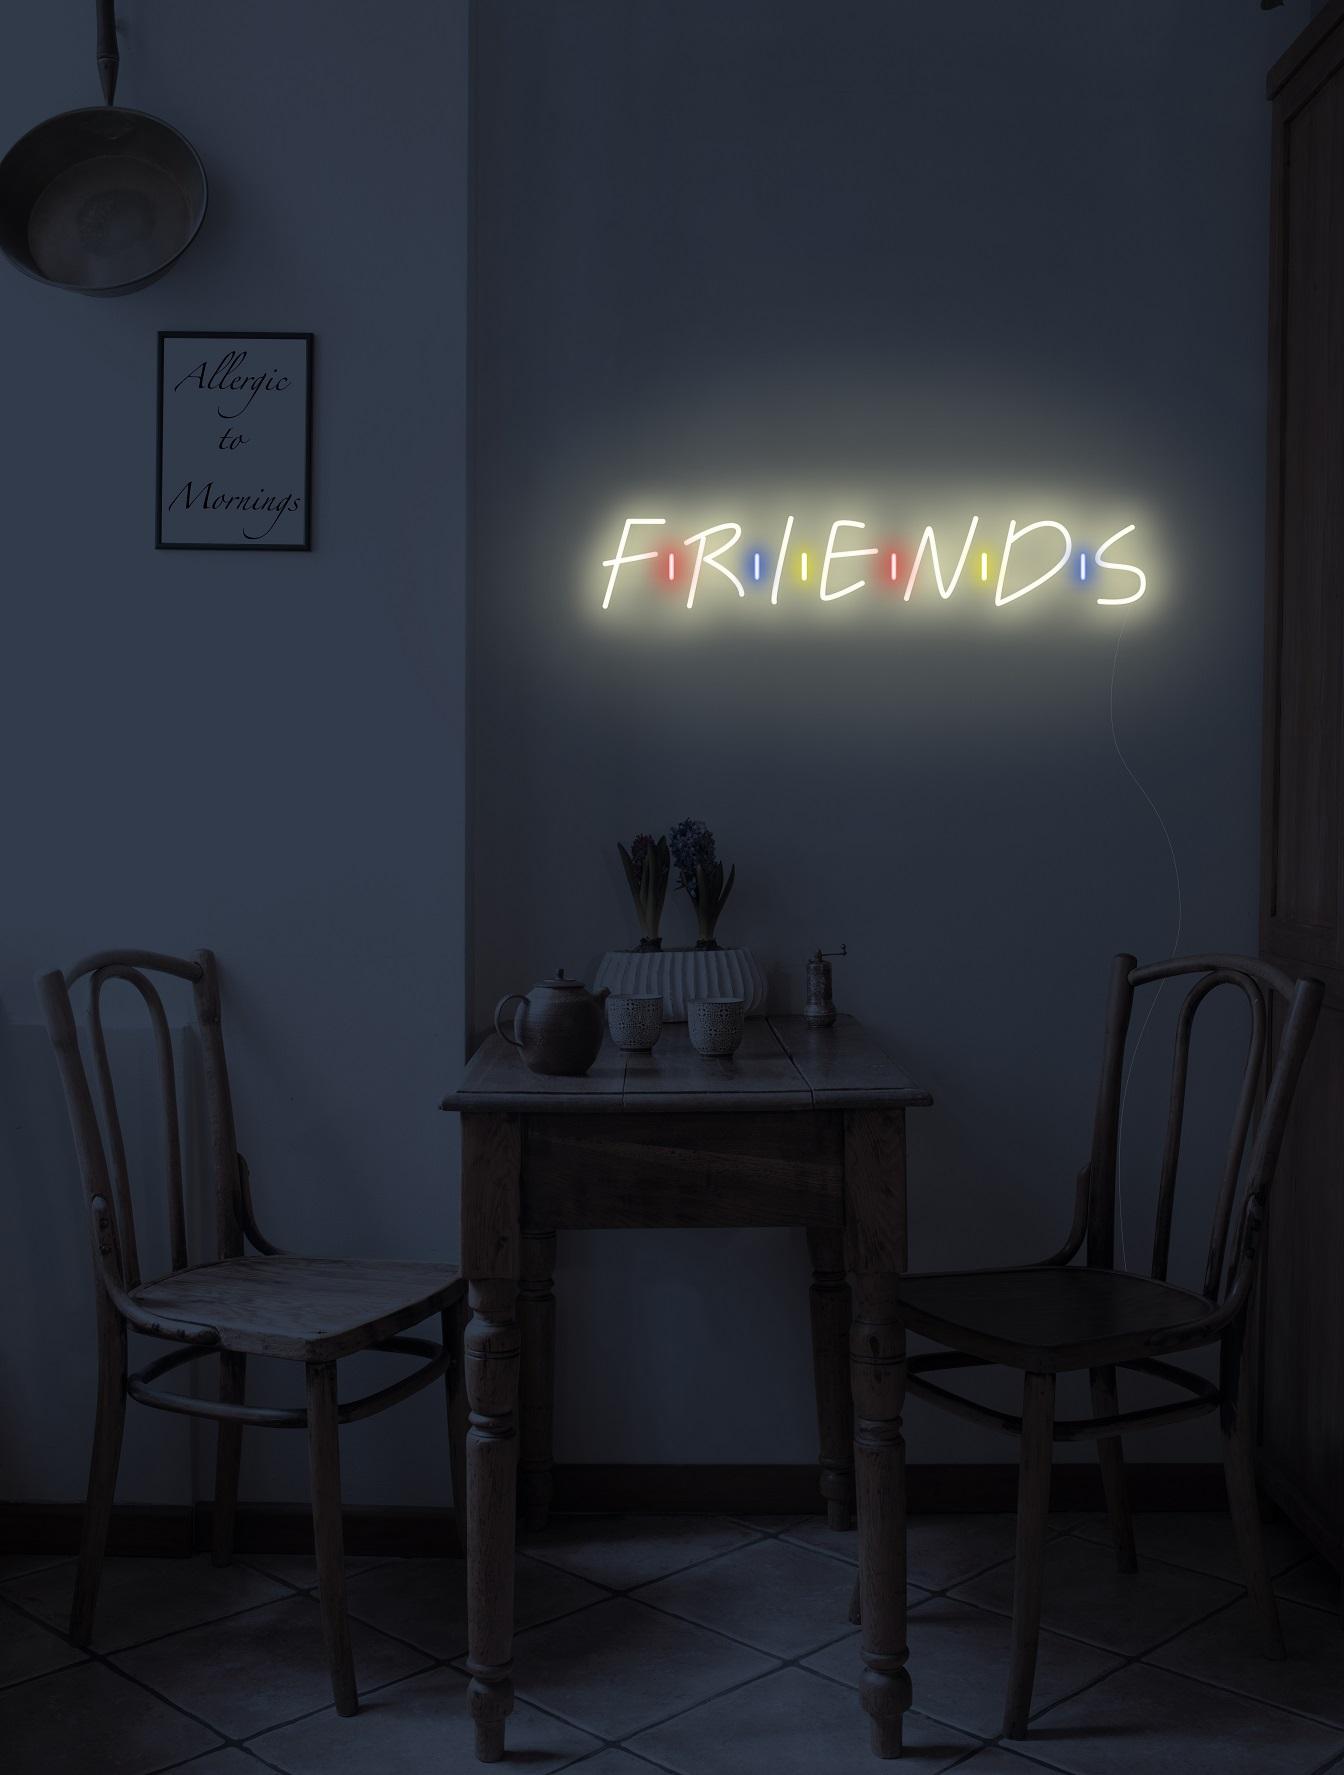 friend neon sign